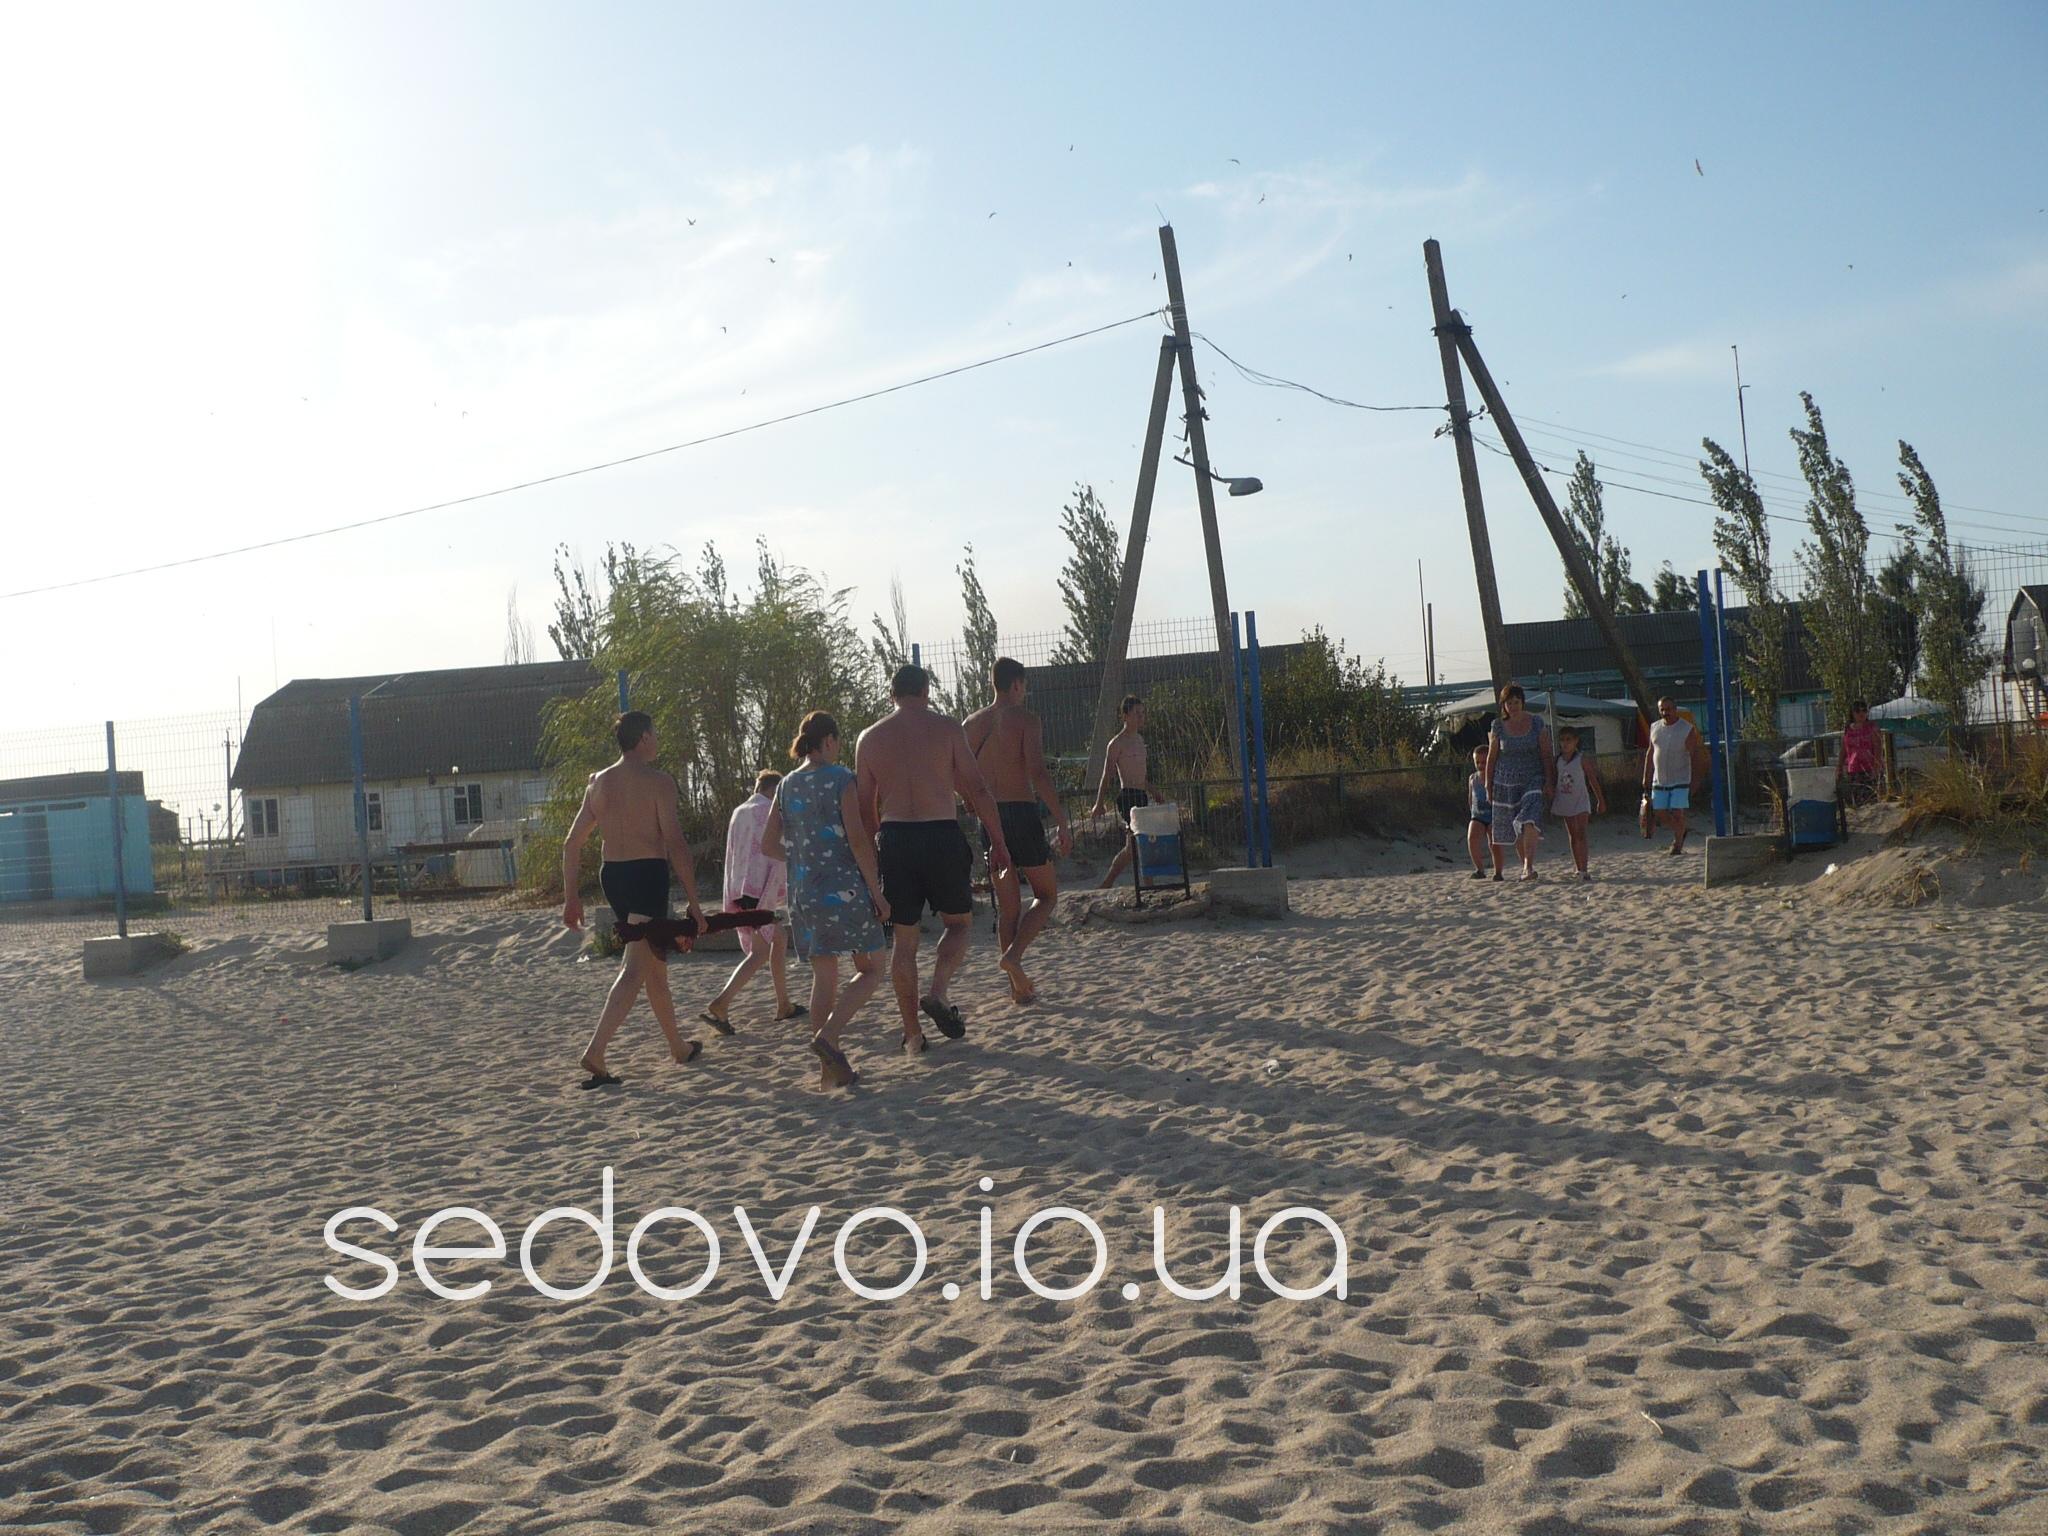 Седово Коса пляж фото цены